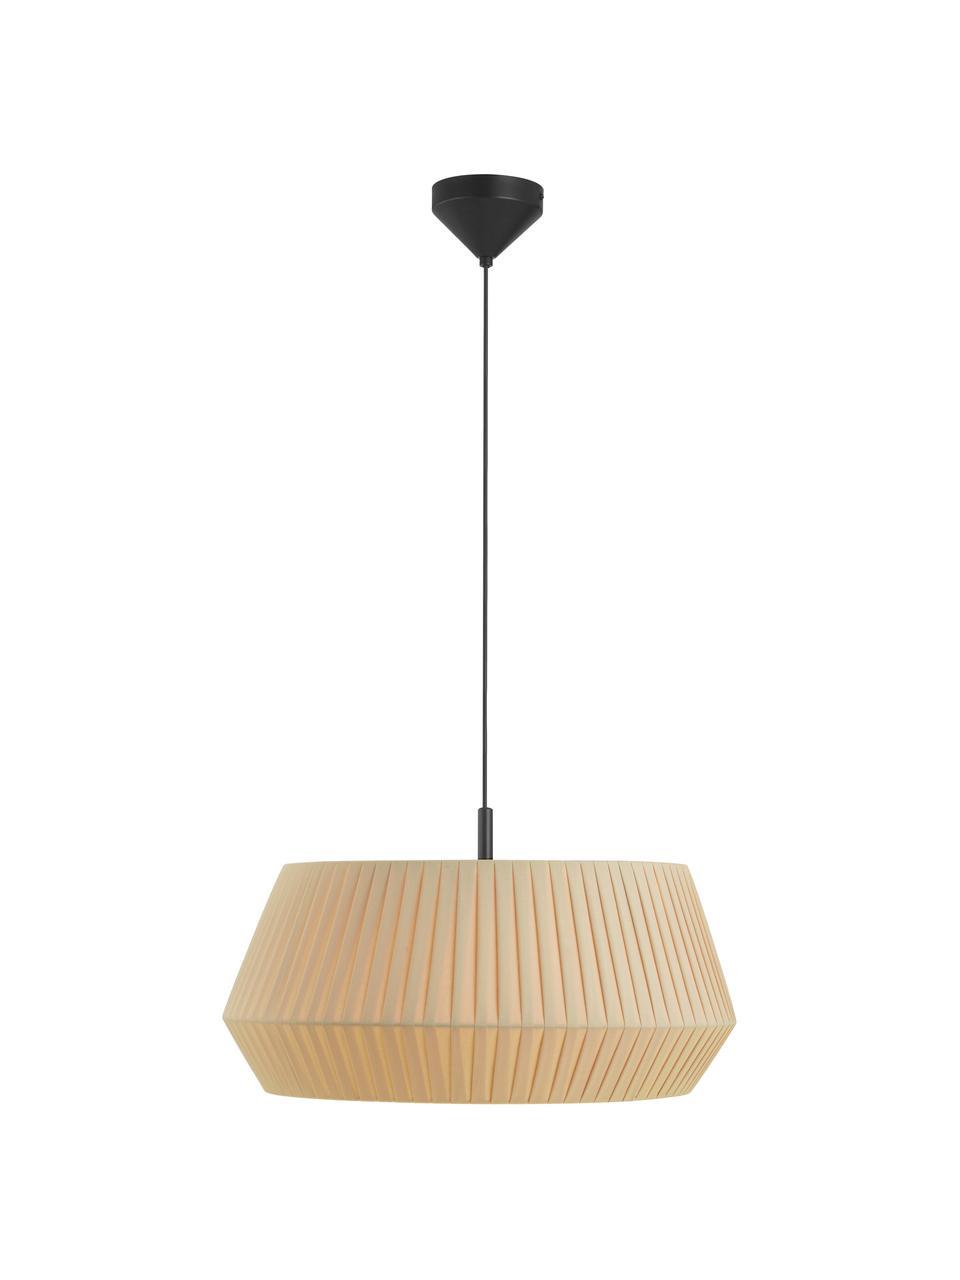 Klassieke hanglamp Dicte van geplooide stof, Lampenkap: stof, Baldakijn: gecoat metaal, Beige, zwart, Ø 53 x H 29 cm